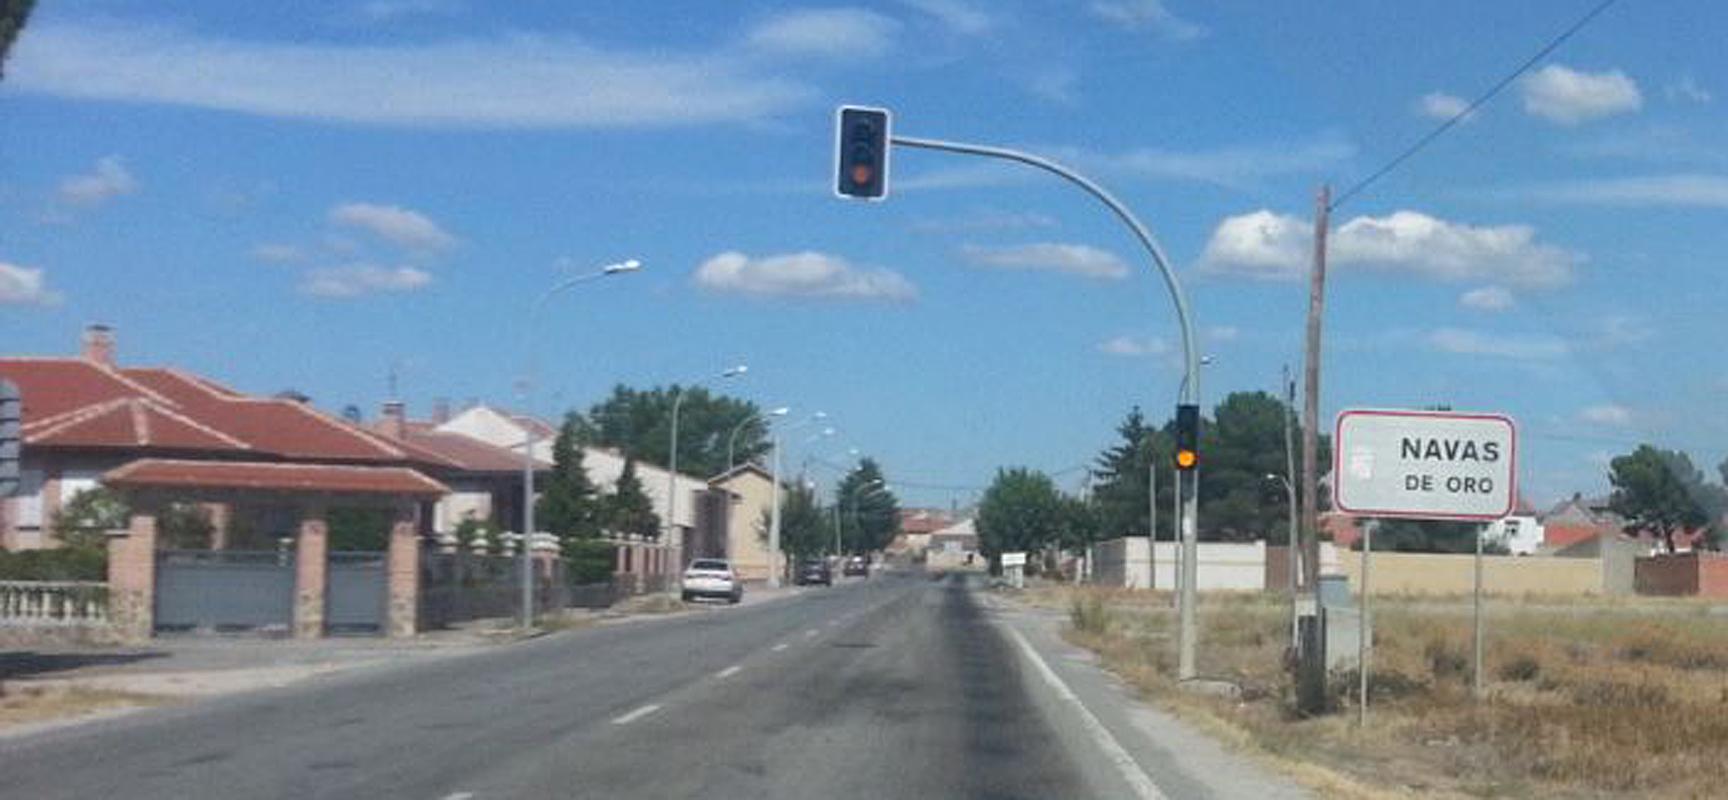 El corte de la carretera se prolongará hasta el viernes a las 20.00 horas